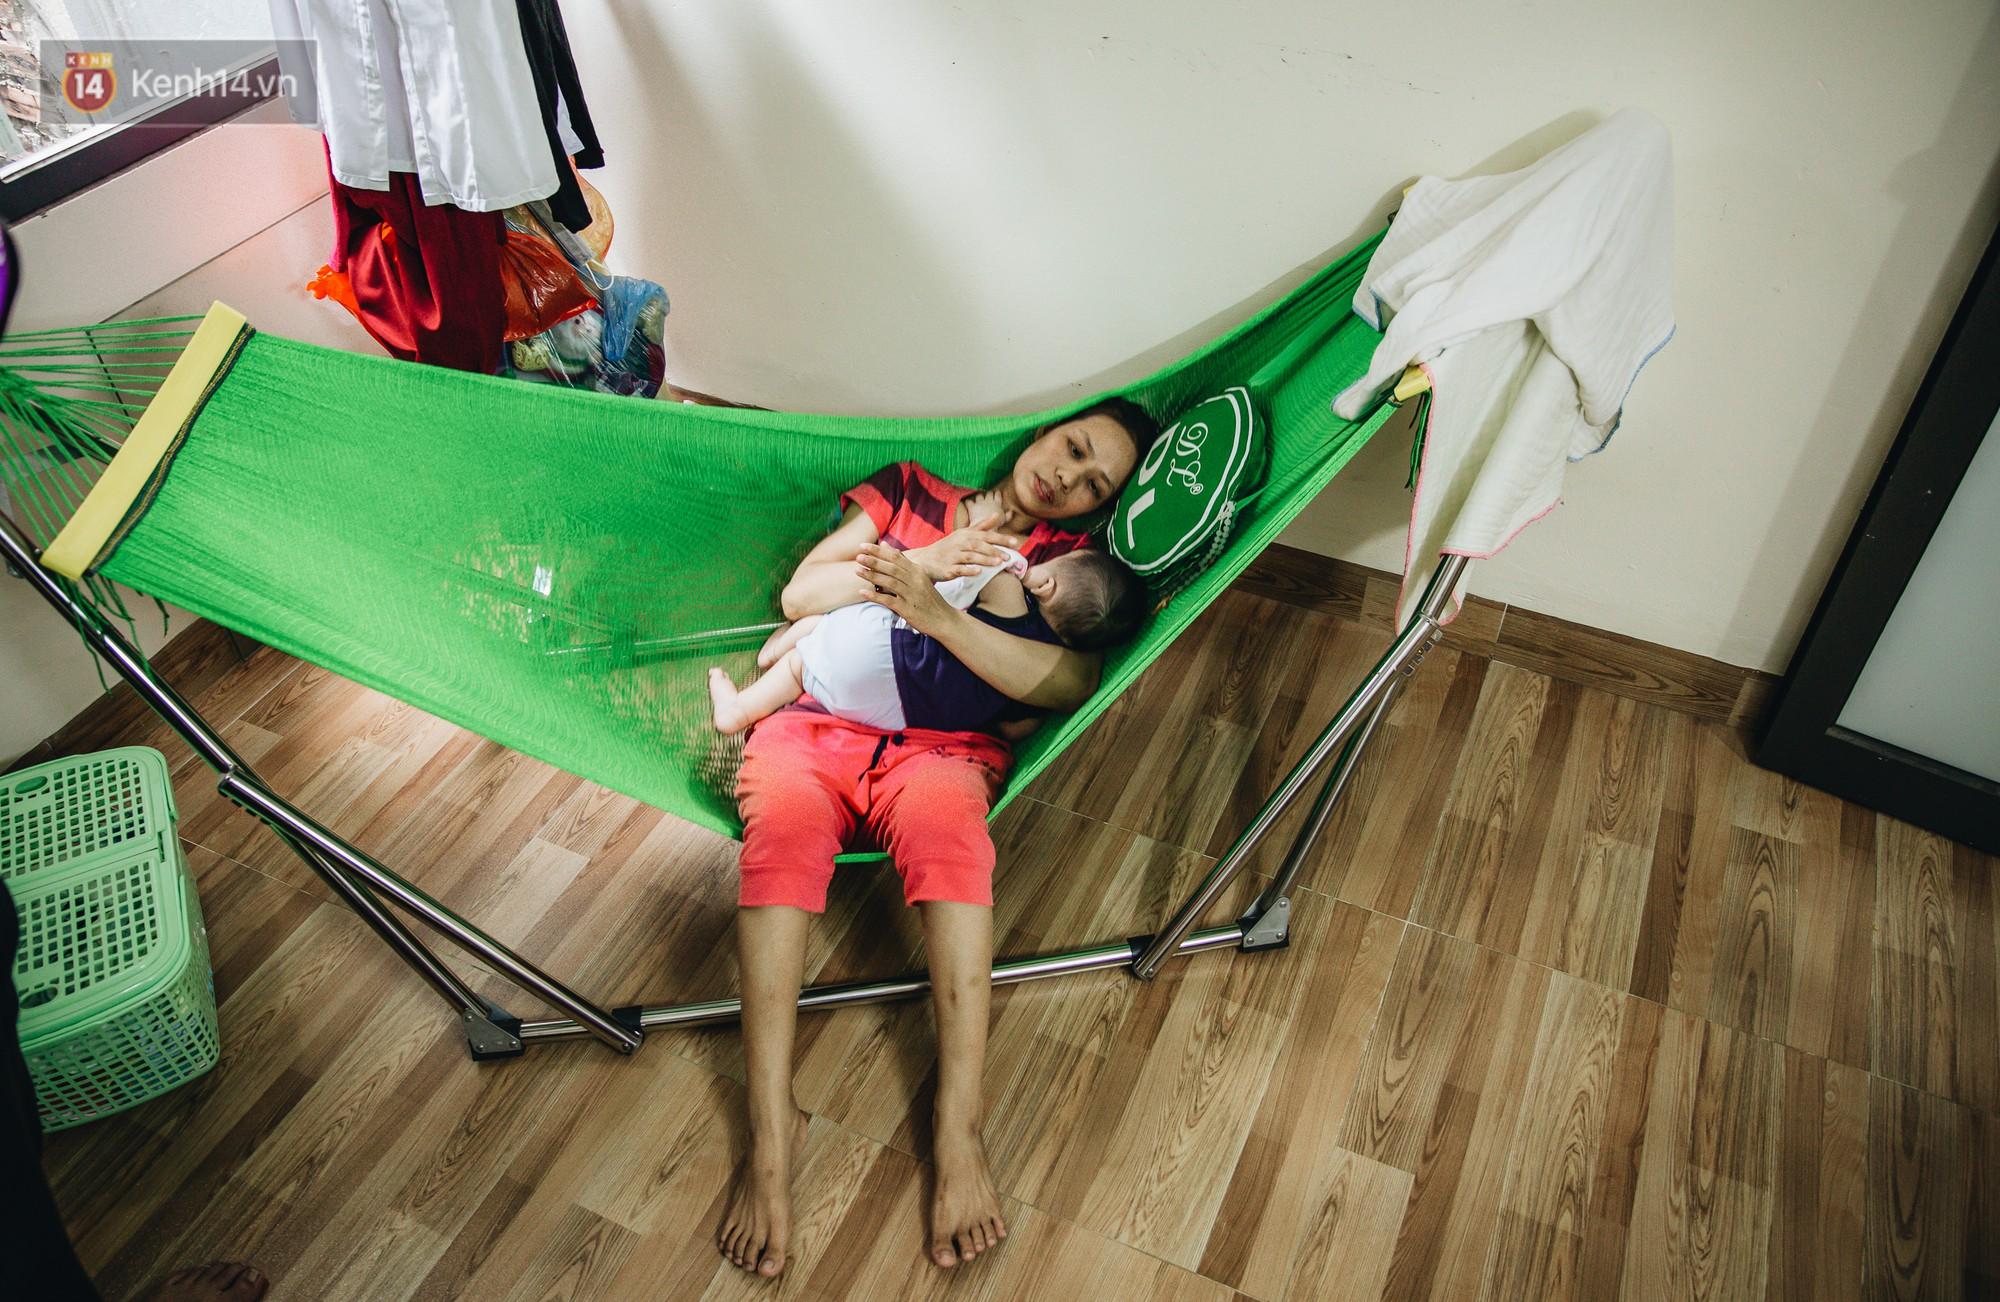 Người mẹ từ chối điều trị ung thư, chấp nhận mất đôi mắt để sinh con: Nếu có thể nhìn thấy con, tôi chẳng còn ước mơ nào lớn hơn thế - Ảnh 3.